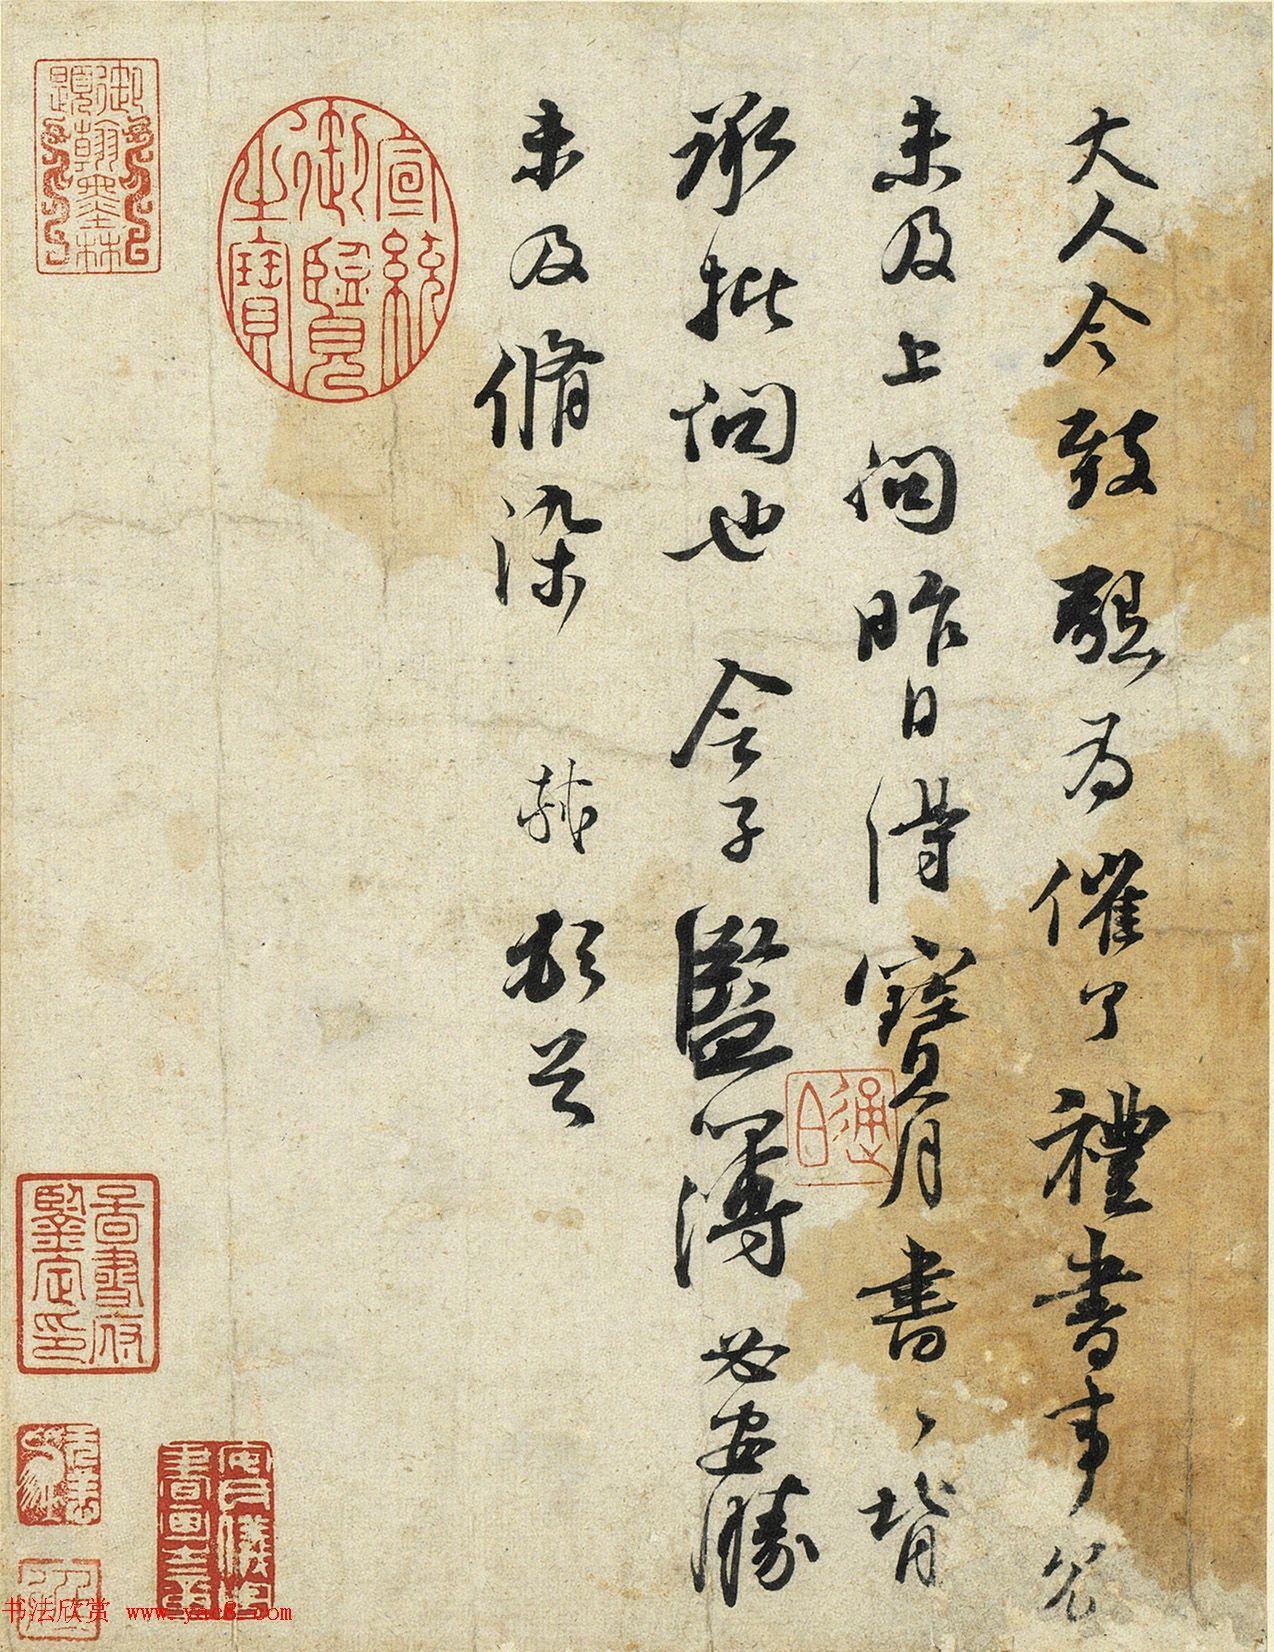 苏轼行书作品欣赏《宝月帖》两种